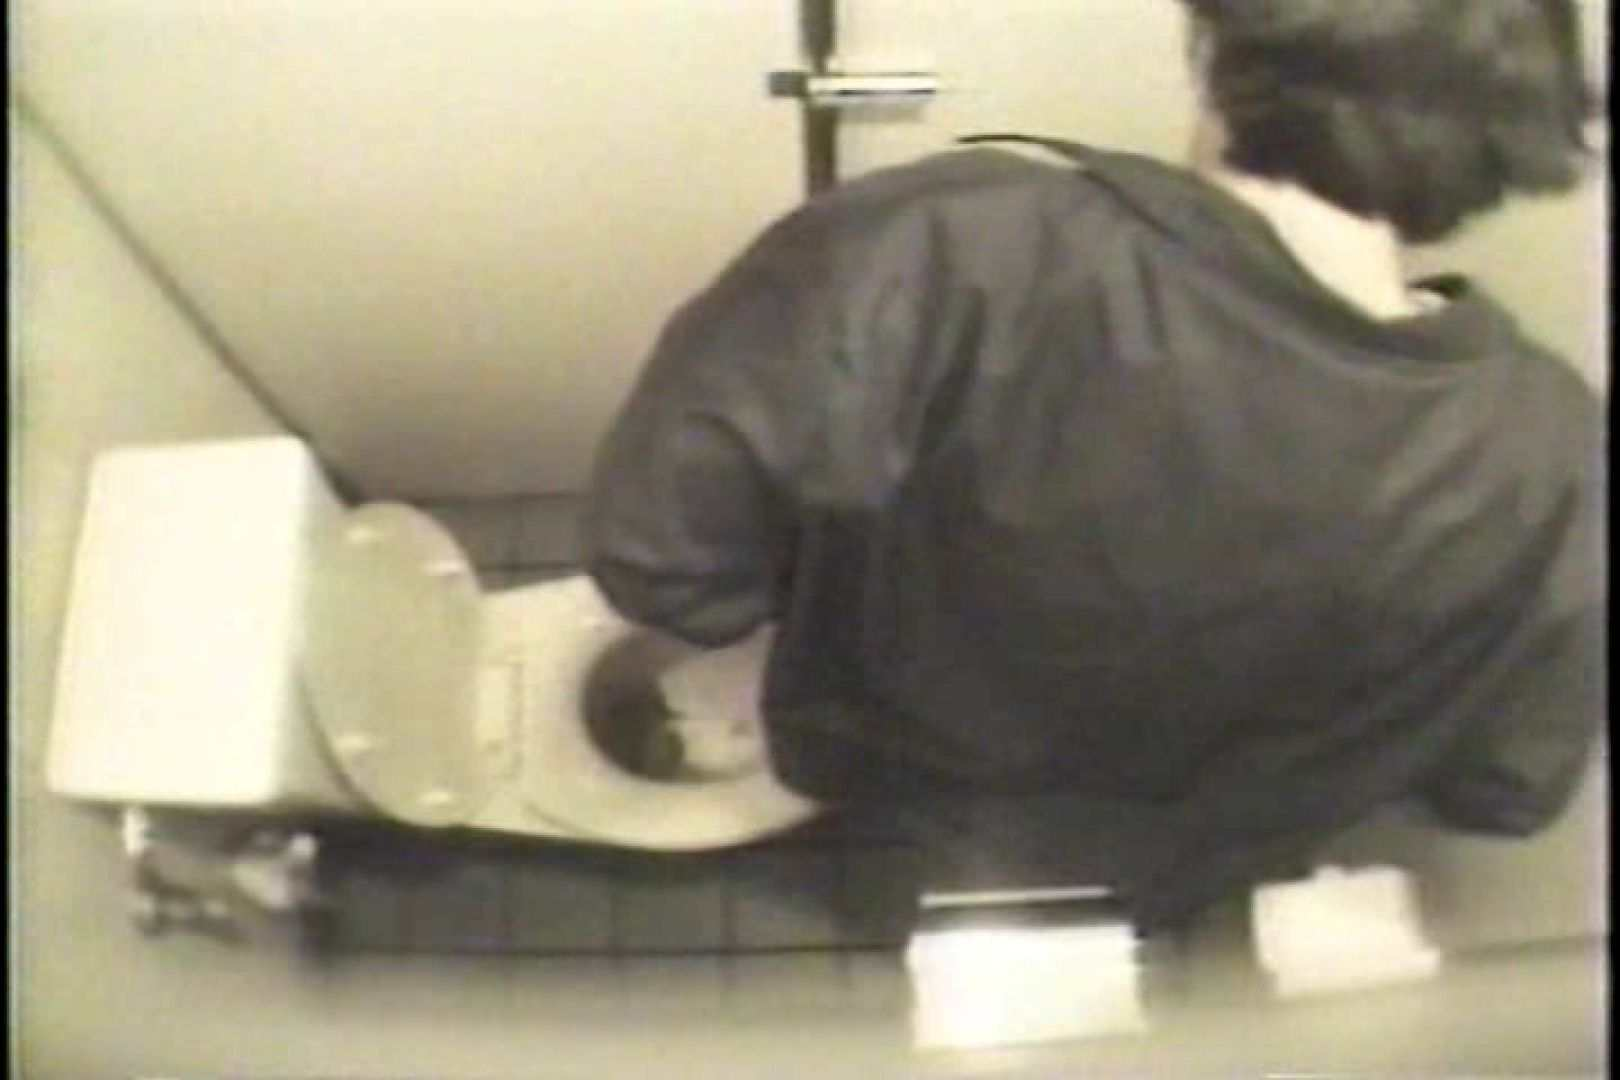 盗撮 女子洗面所3ヶ所入ってしゃがんで音出して 洗面所 オマンコ無修正動画無料 109連発 15